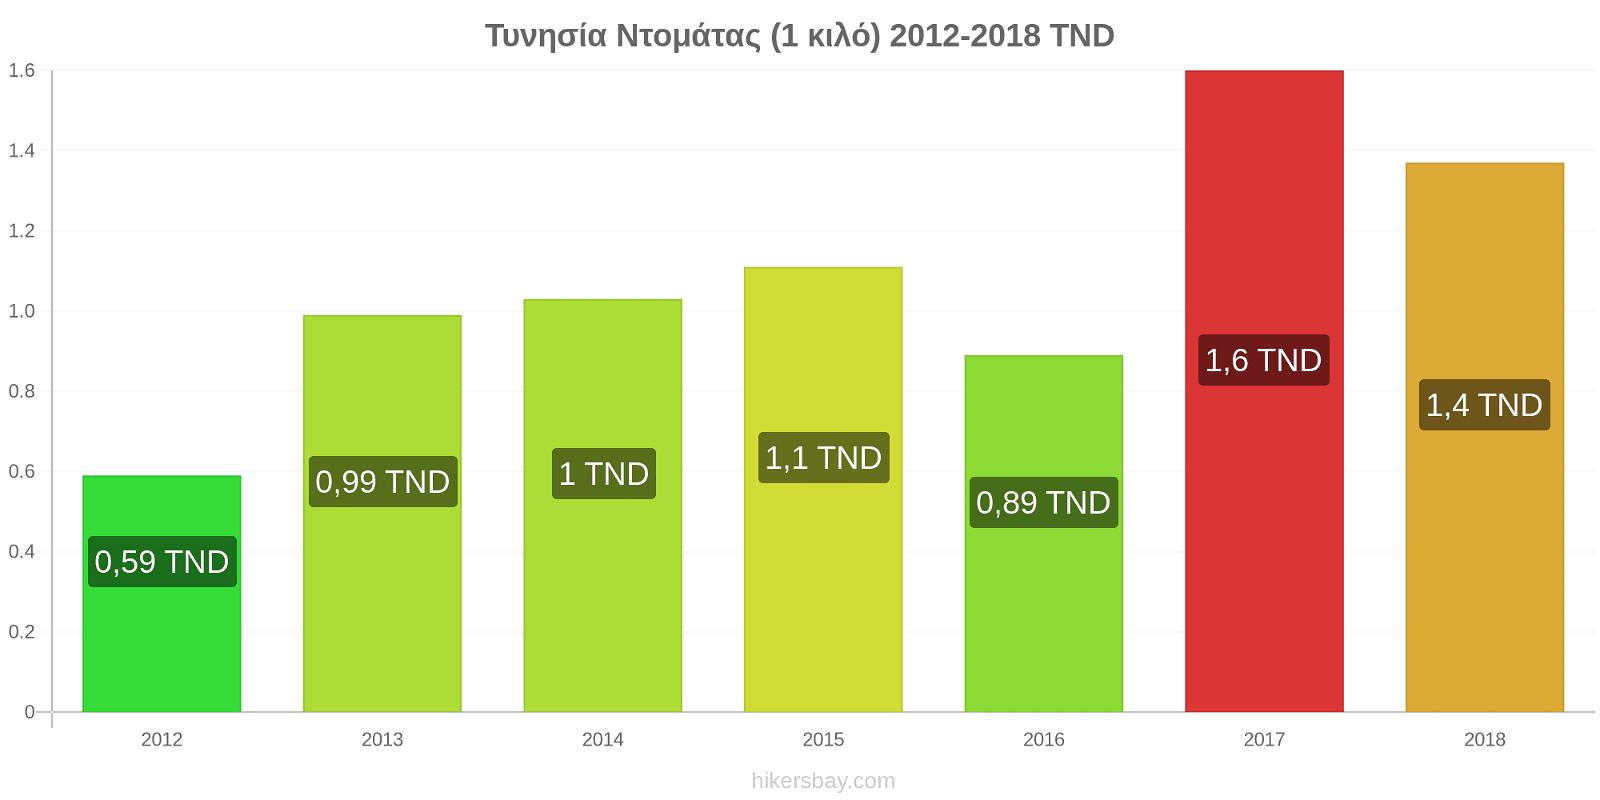 Τυνησία αλλαγές τιμών Ντομάτας (1 κιλό) hikersbay.com